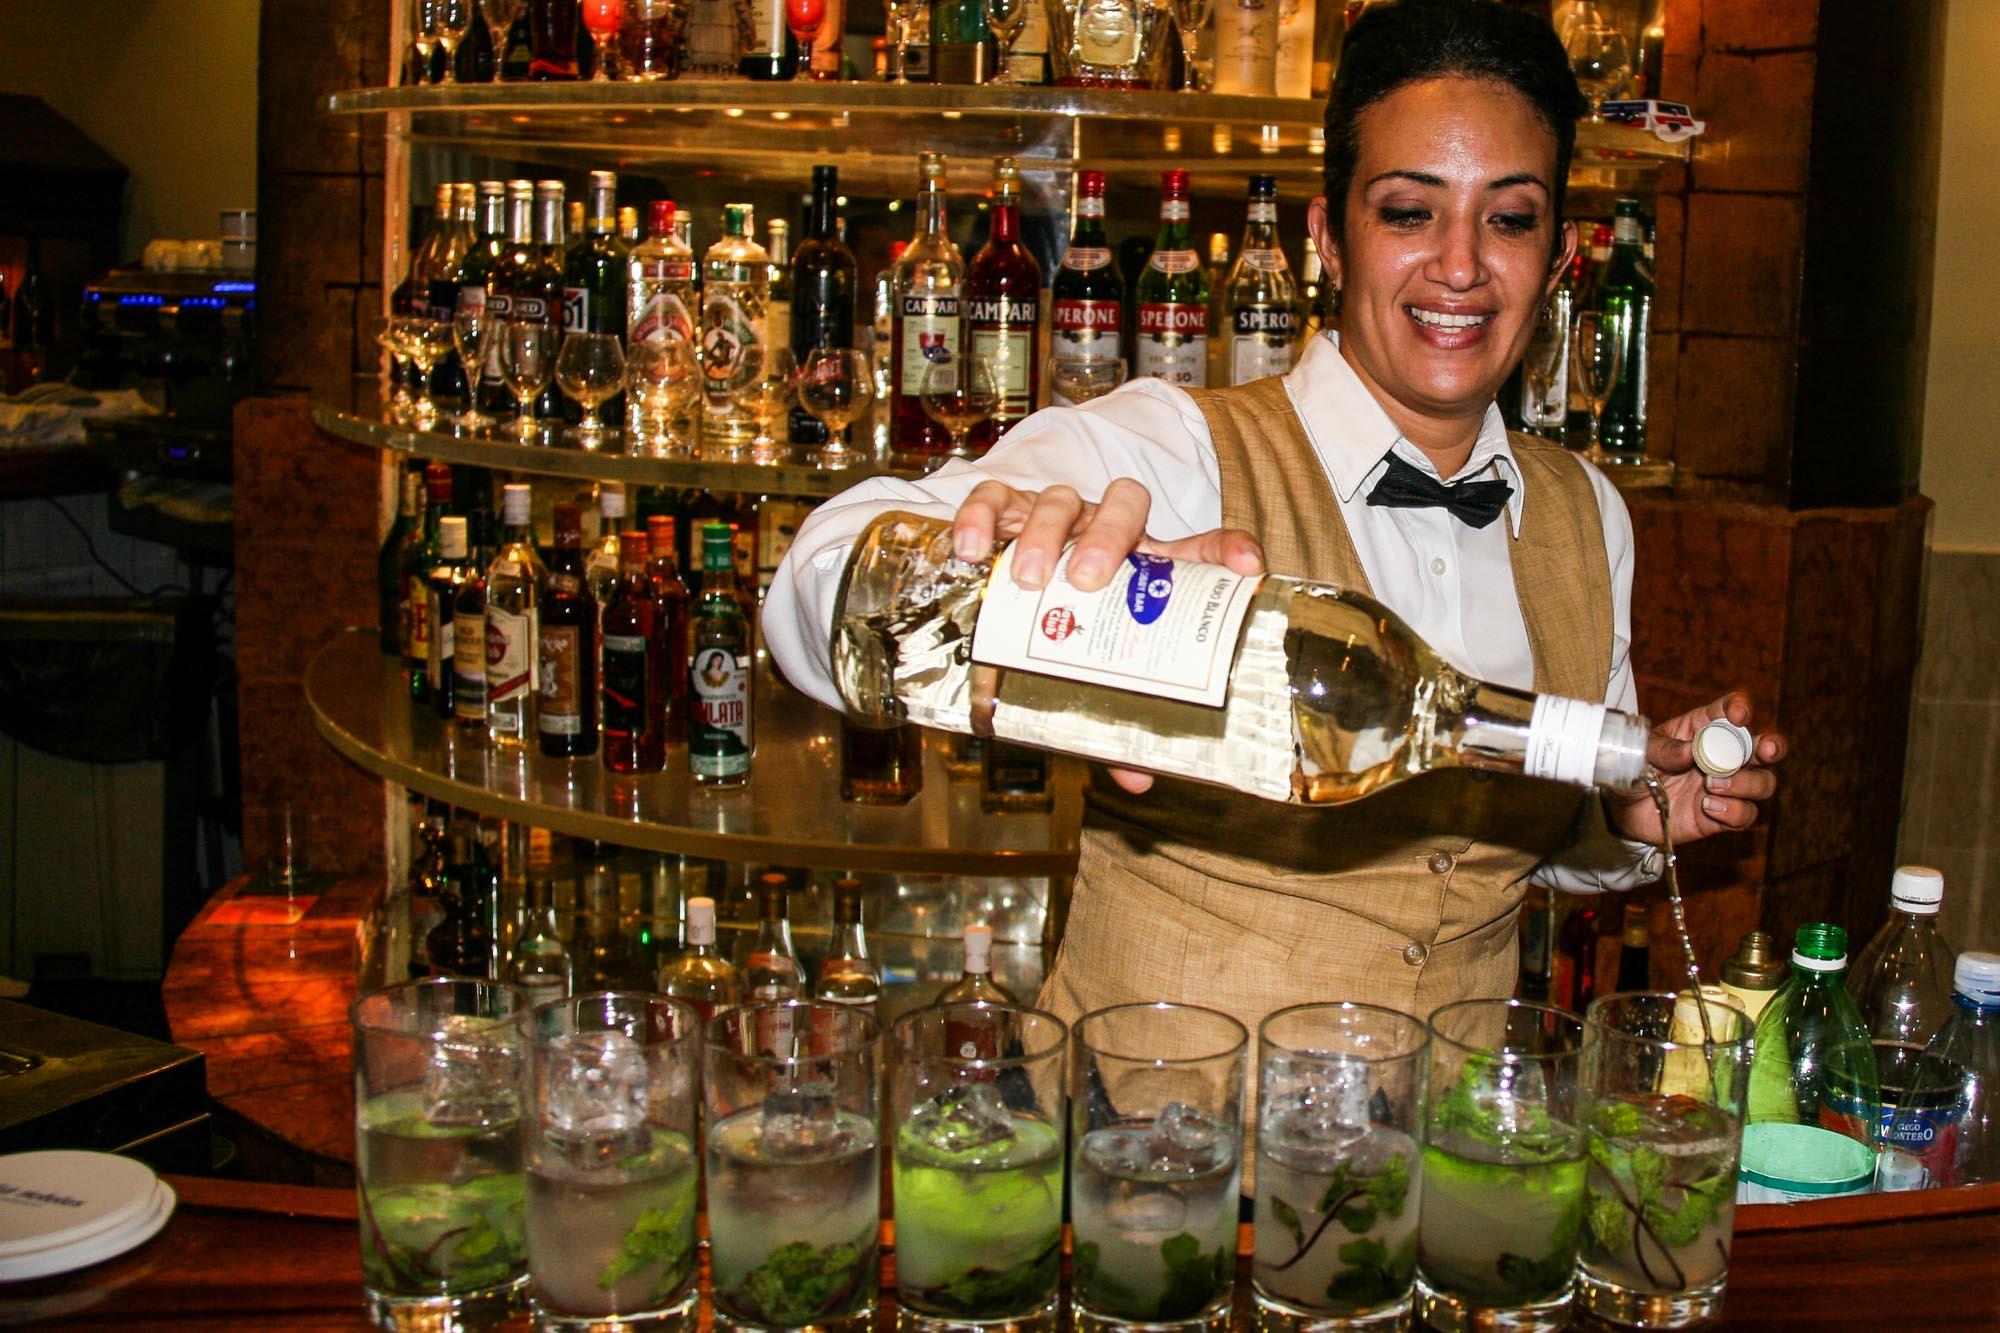 Eine Barkeepern schenkt Rum in acht Gläser ein.